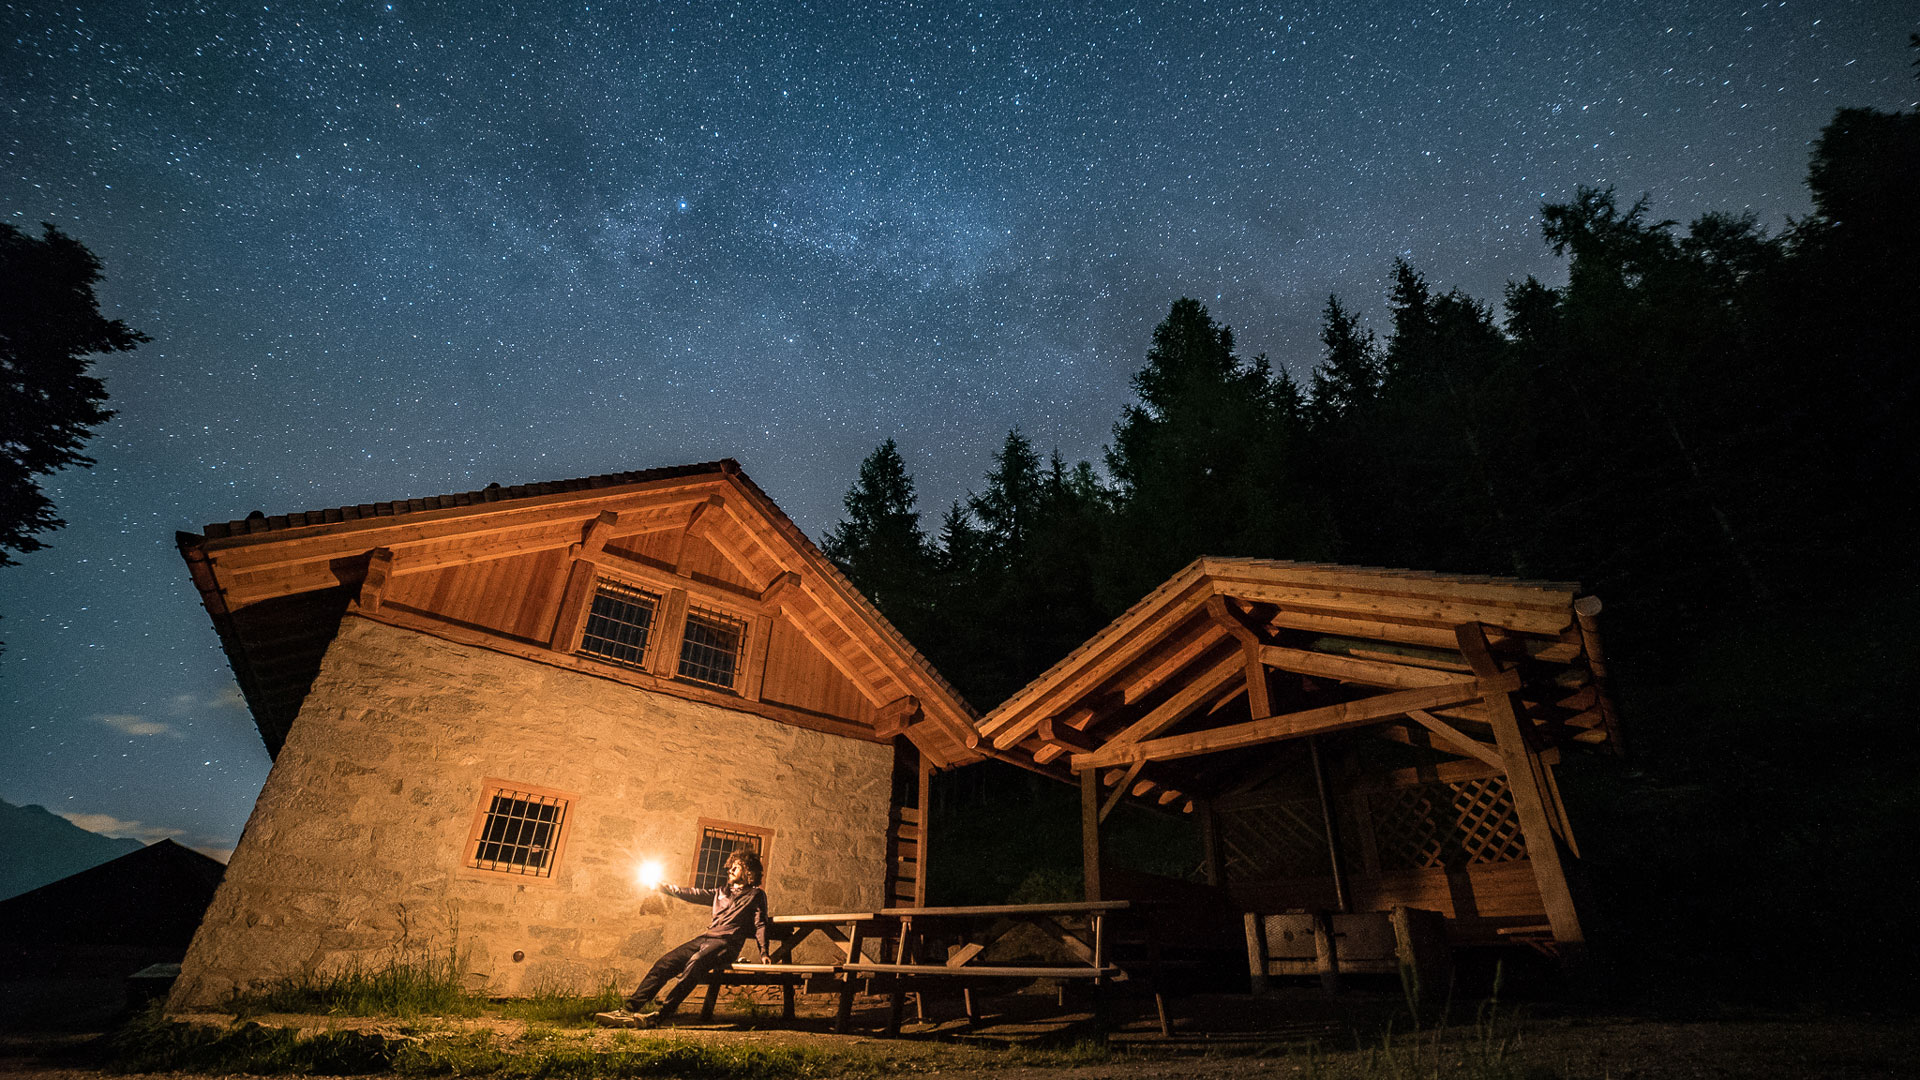 Malga del Doss ad Ossana in Trentino Alto Adige - I cieli più b